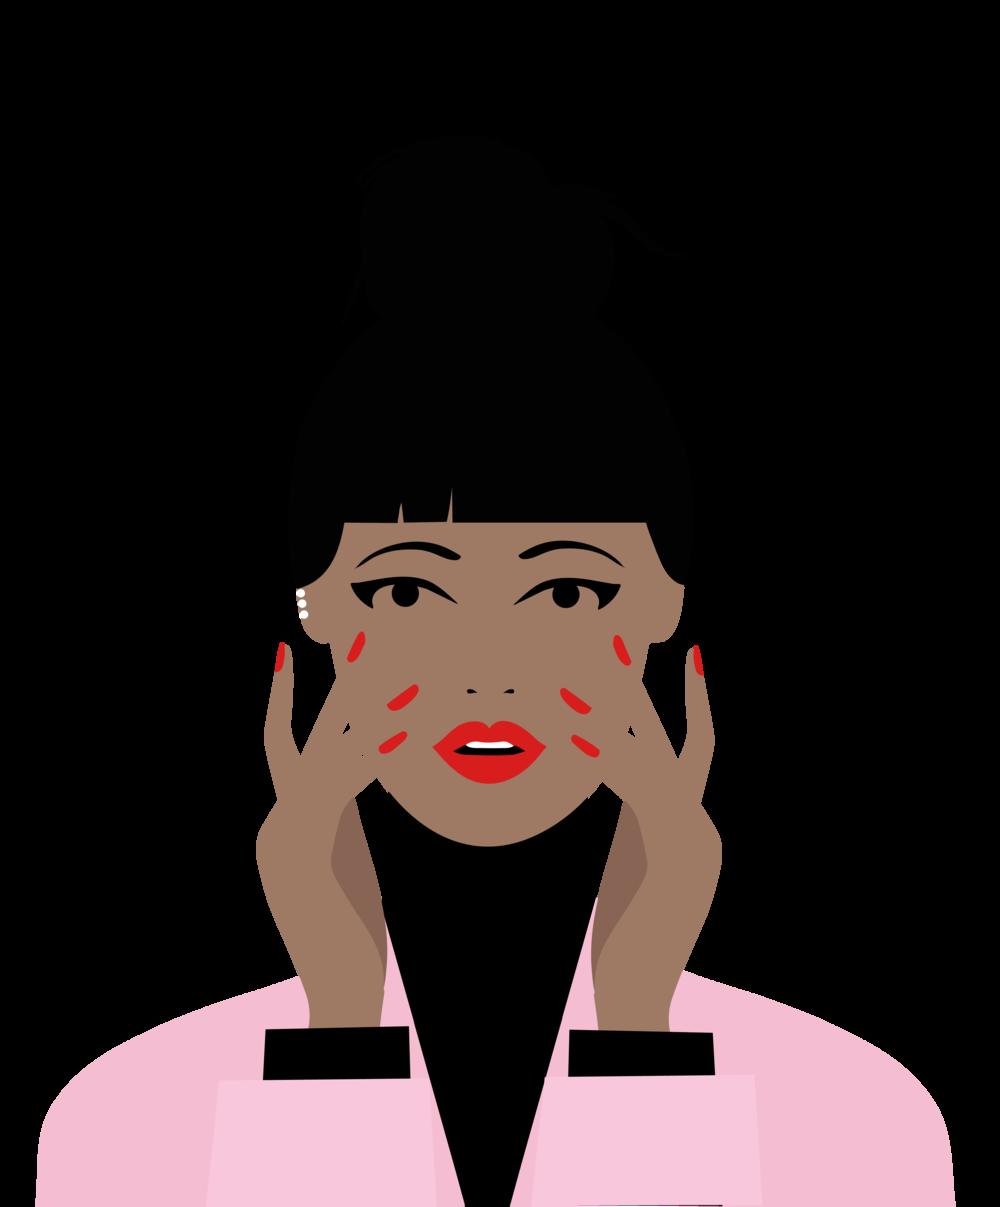 Nails clipart woman nail. Soho waxing beauty newbunspng